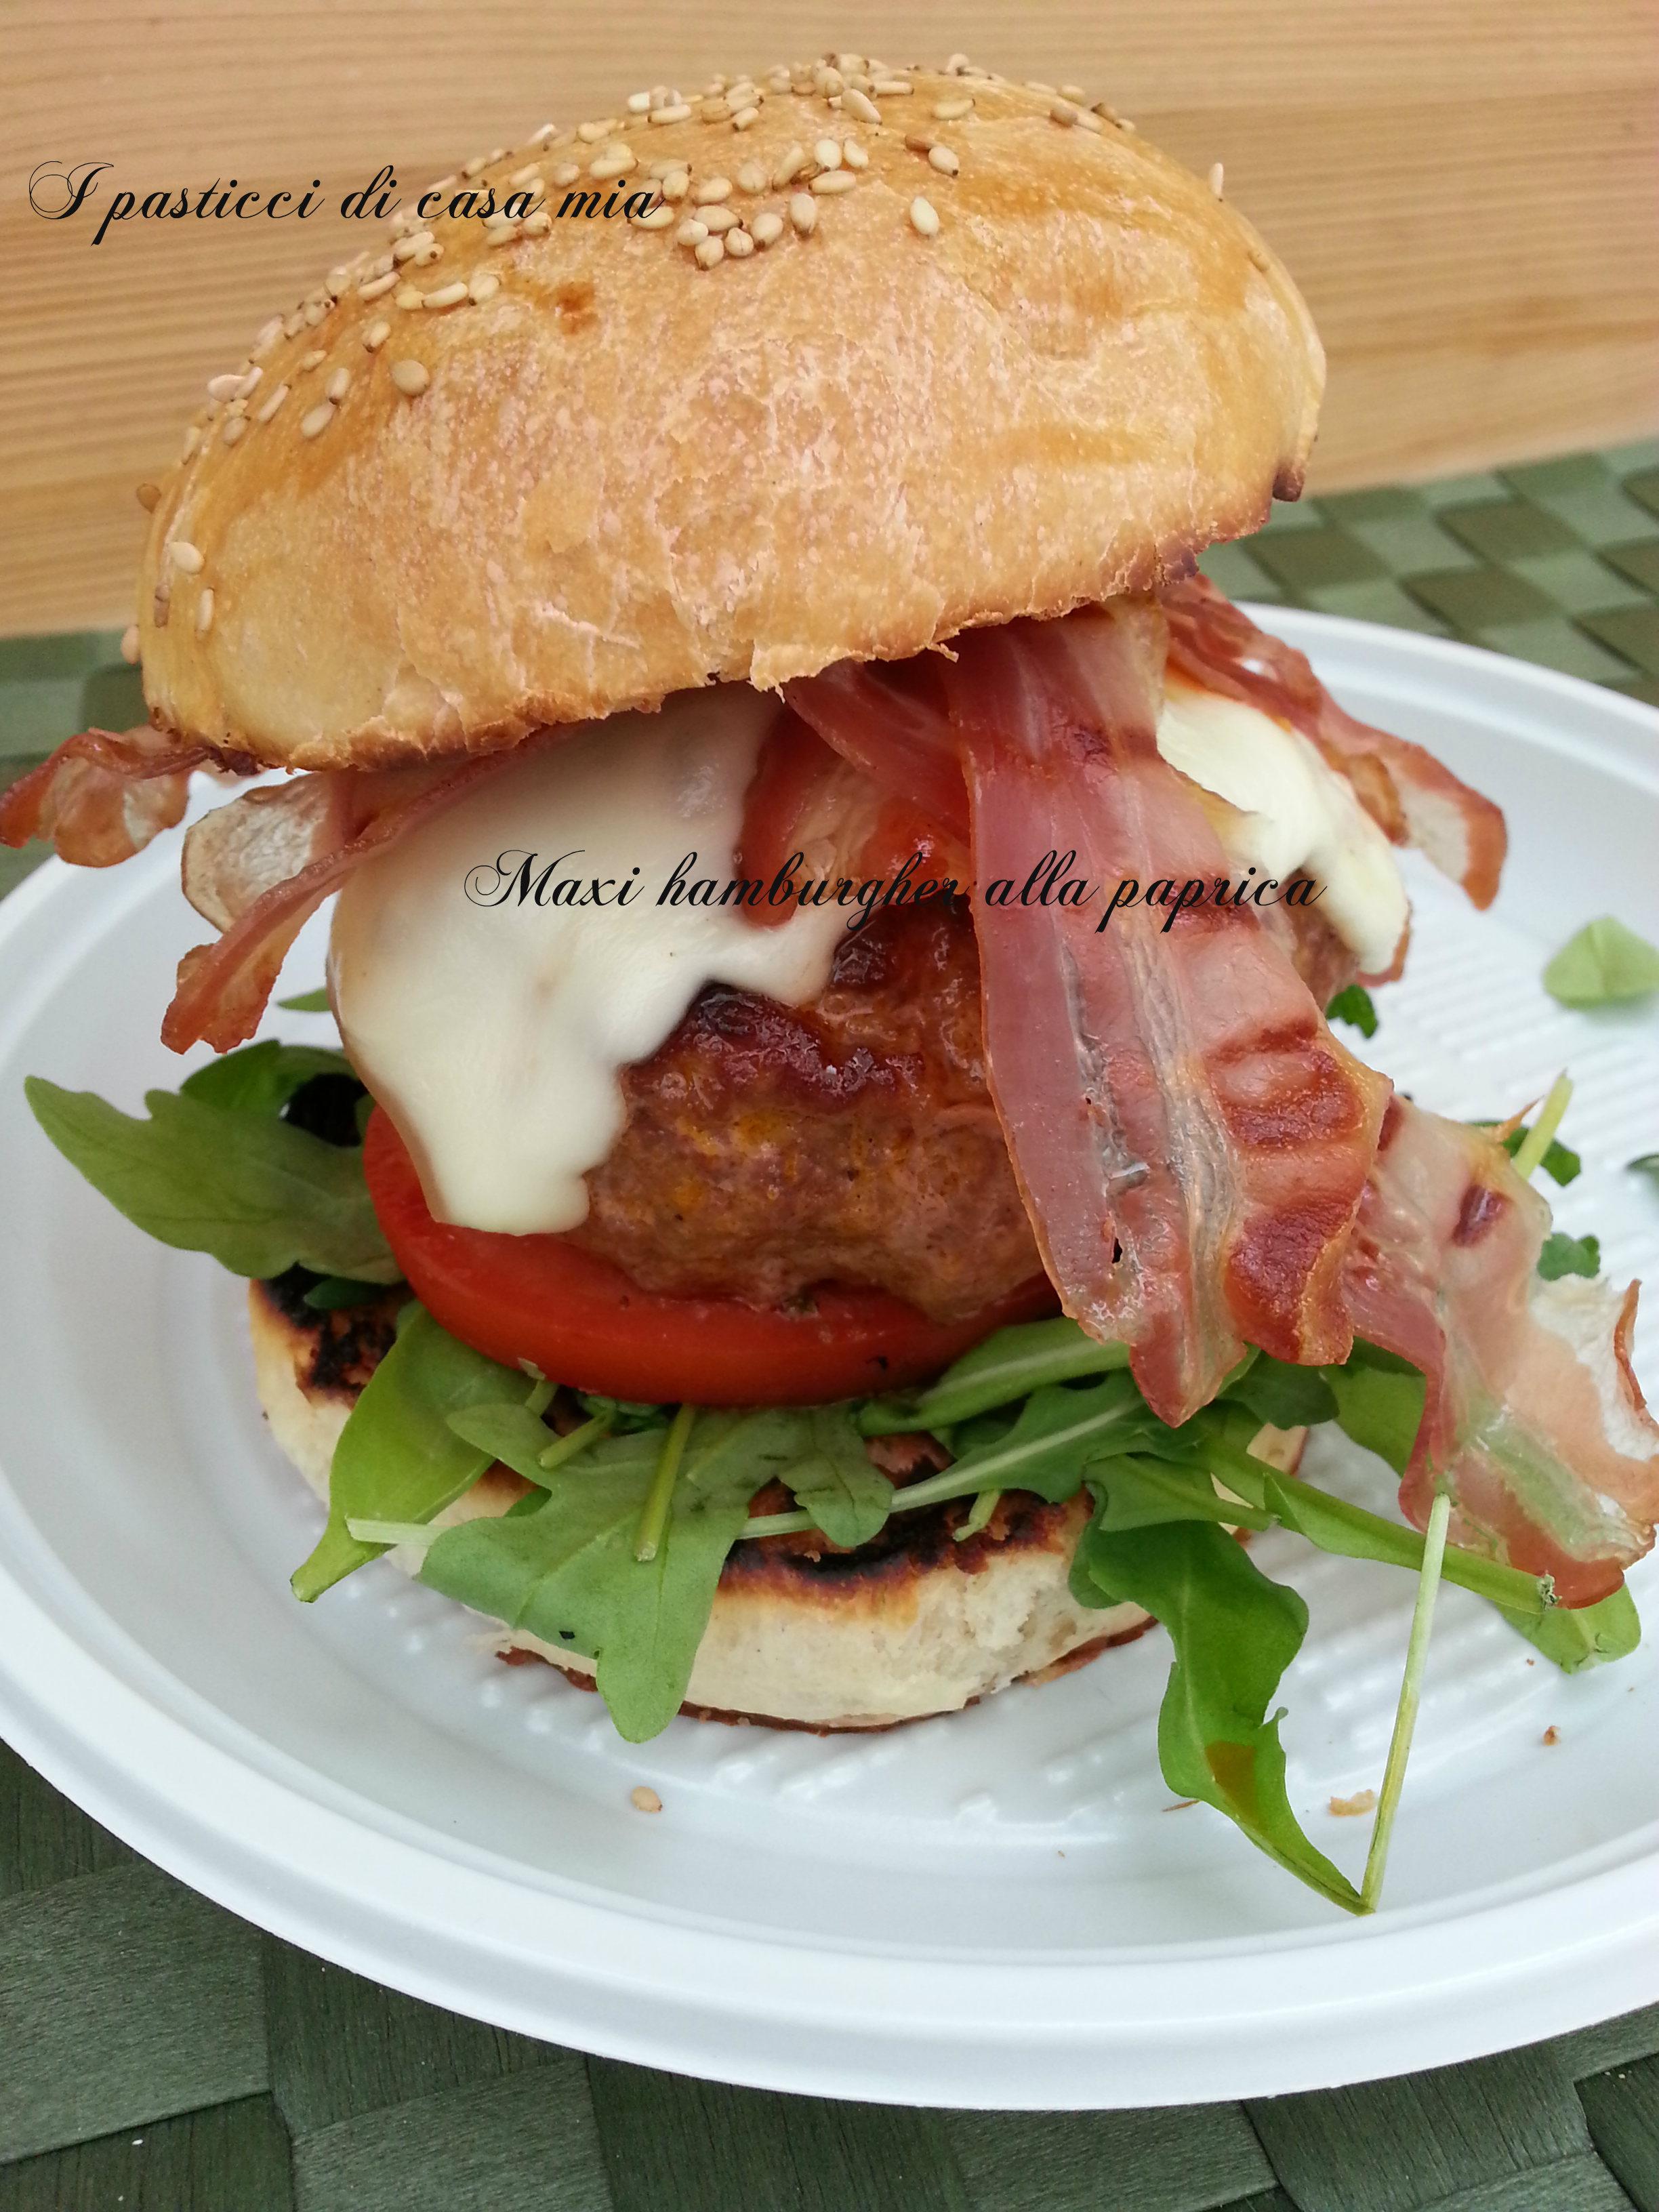 Maxi hamburger alla paprica